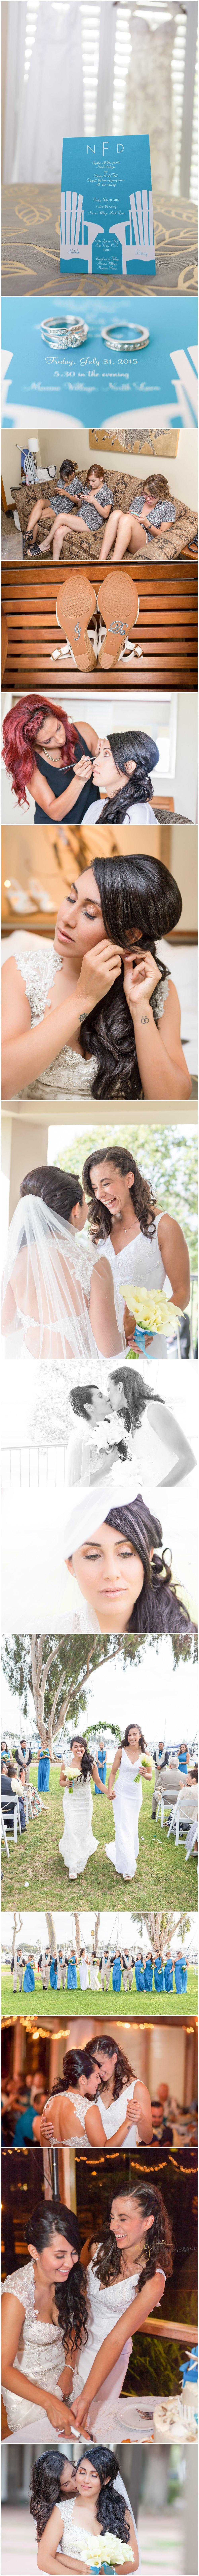 san diego lesbian wedding photos